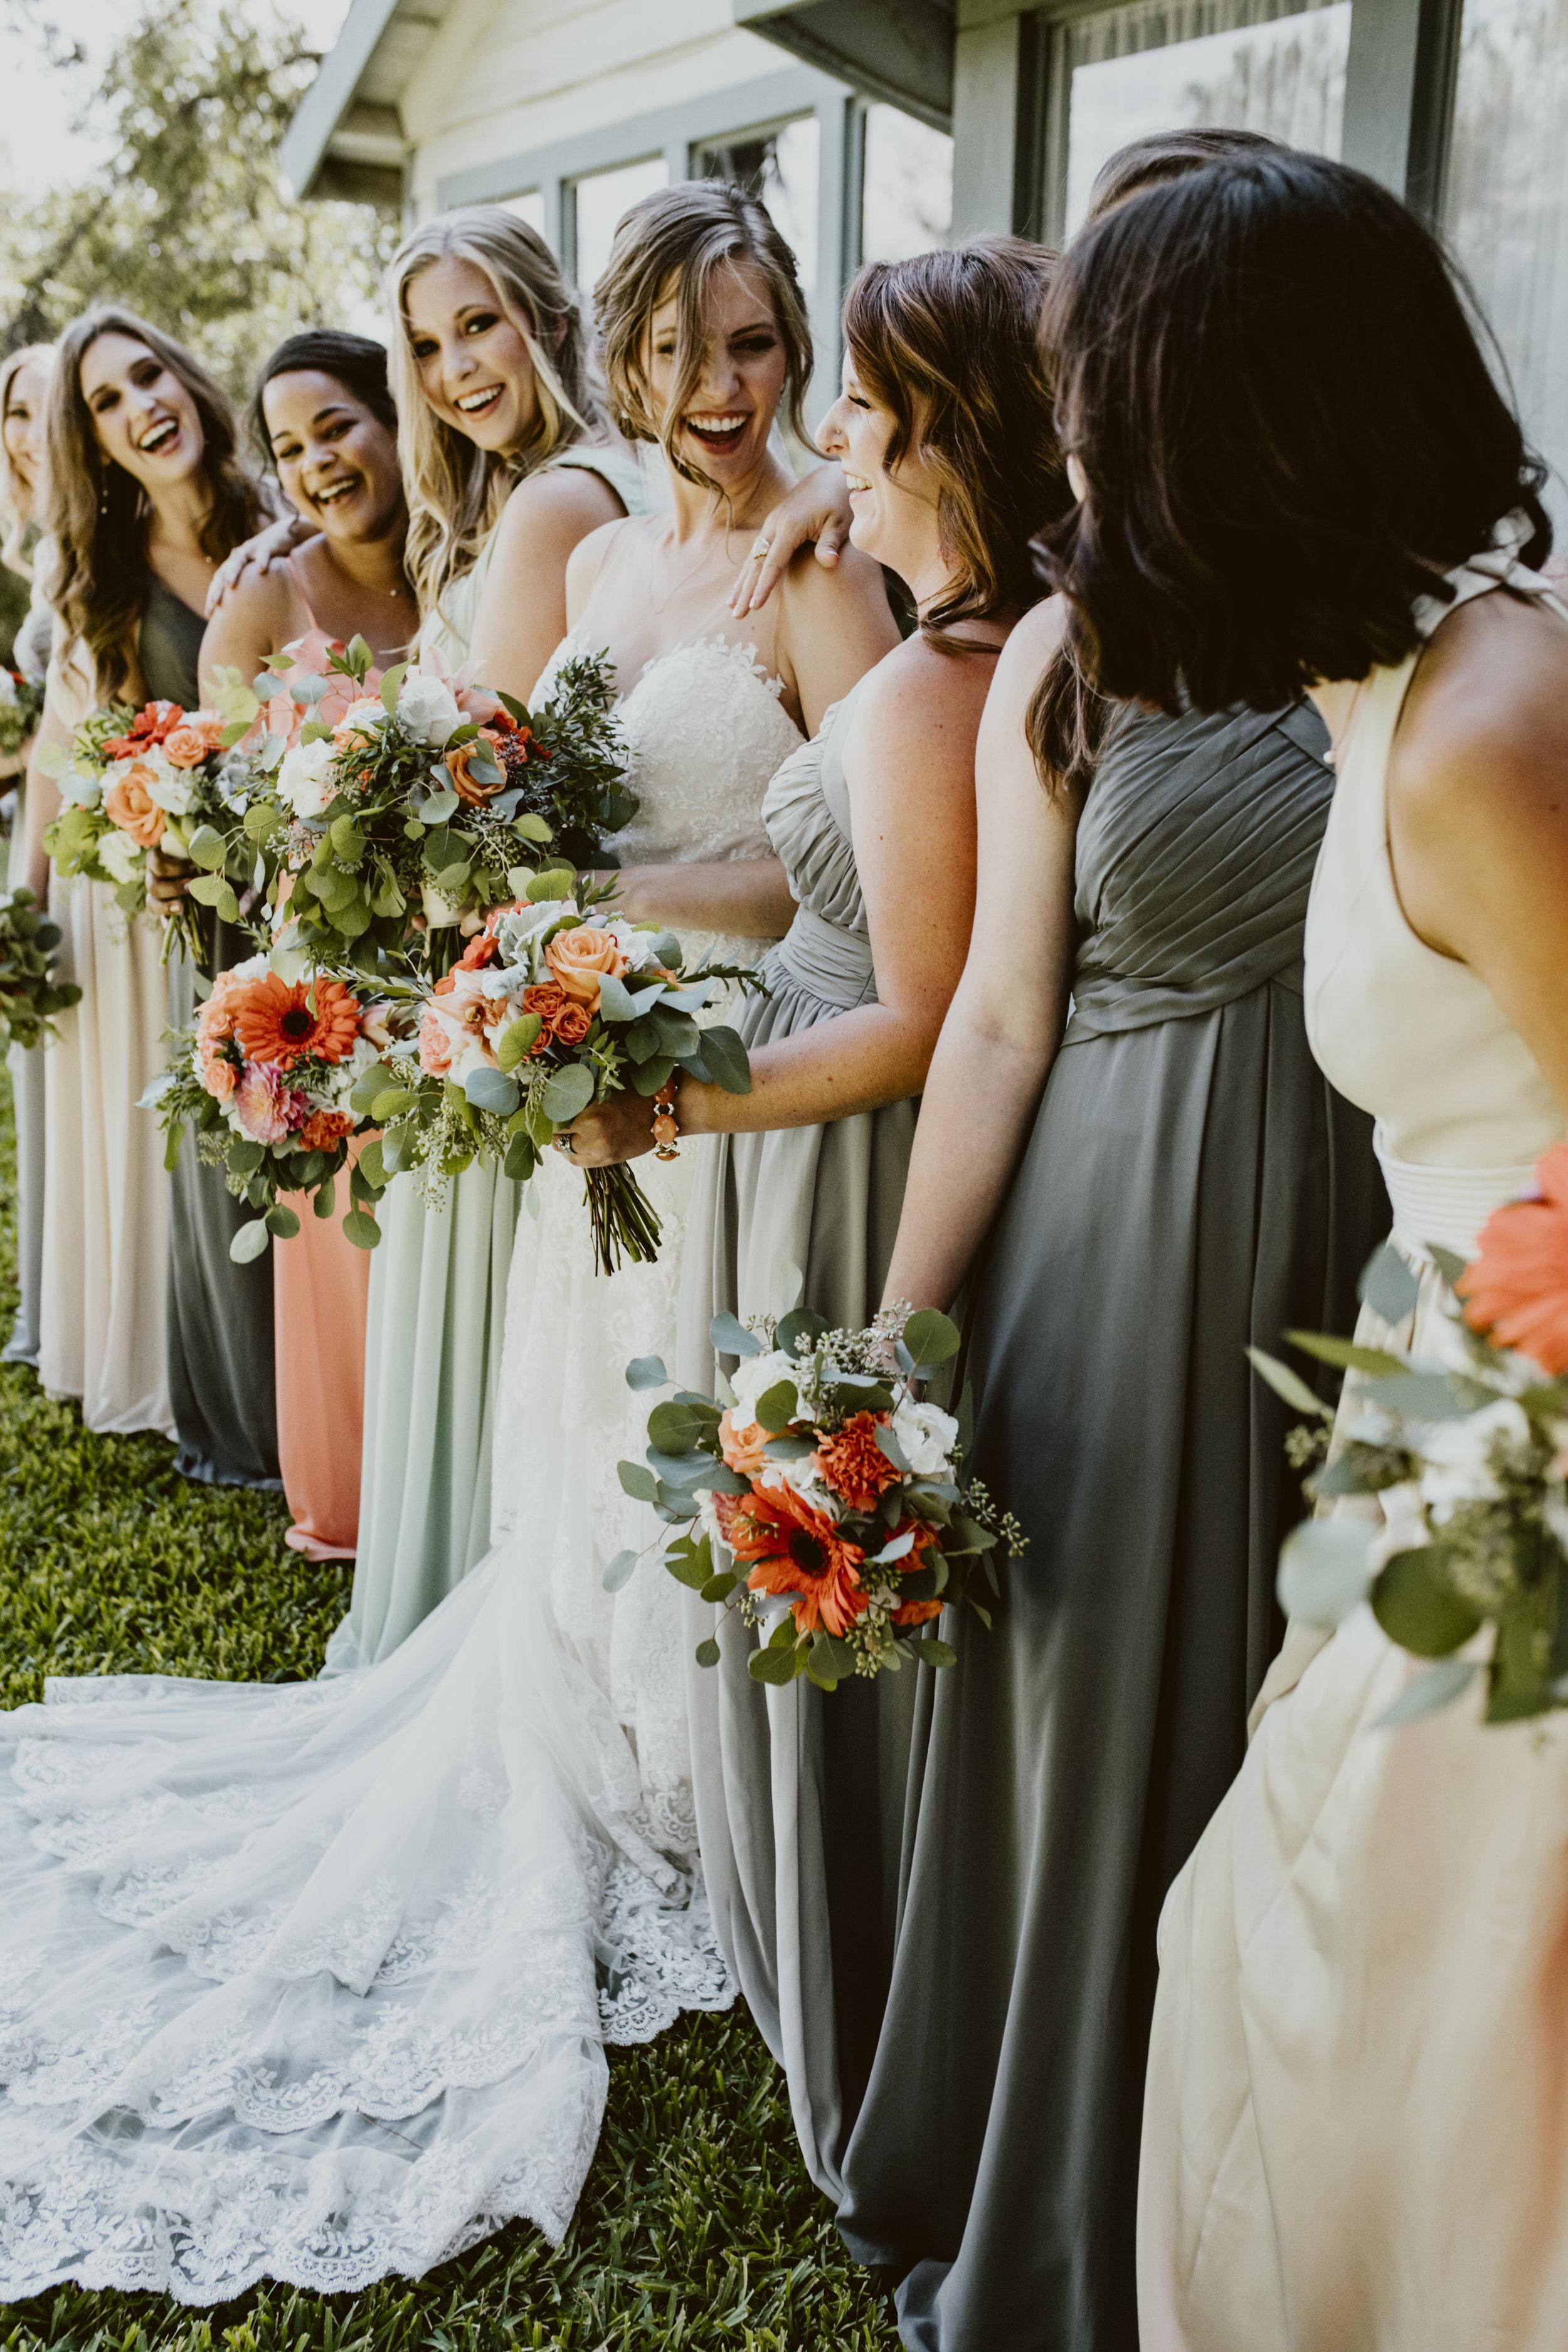 Temecula_Amy+Curt_Wedding_6.jpg